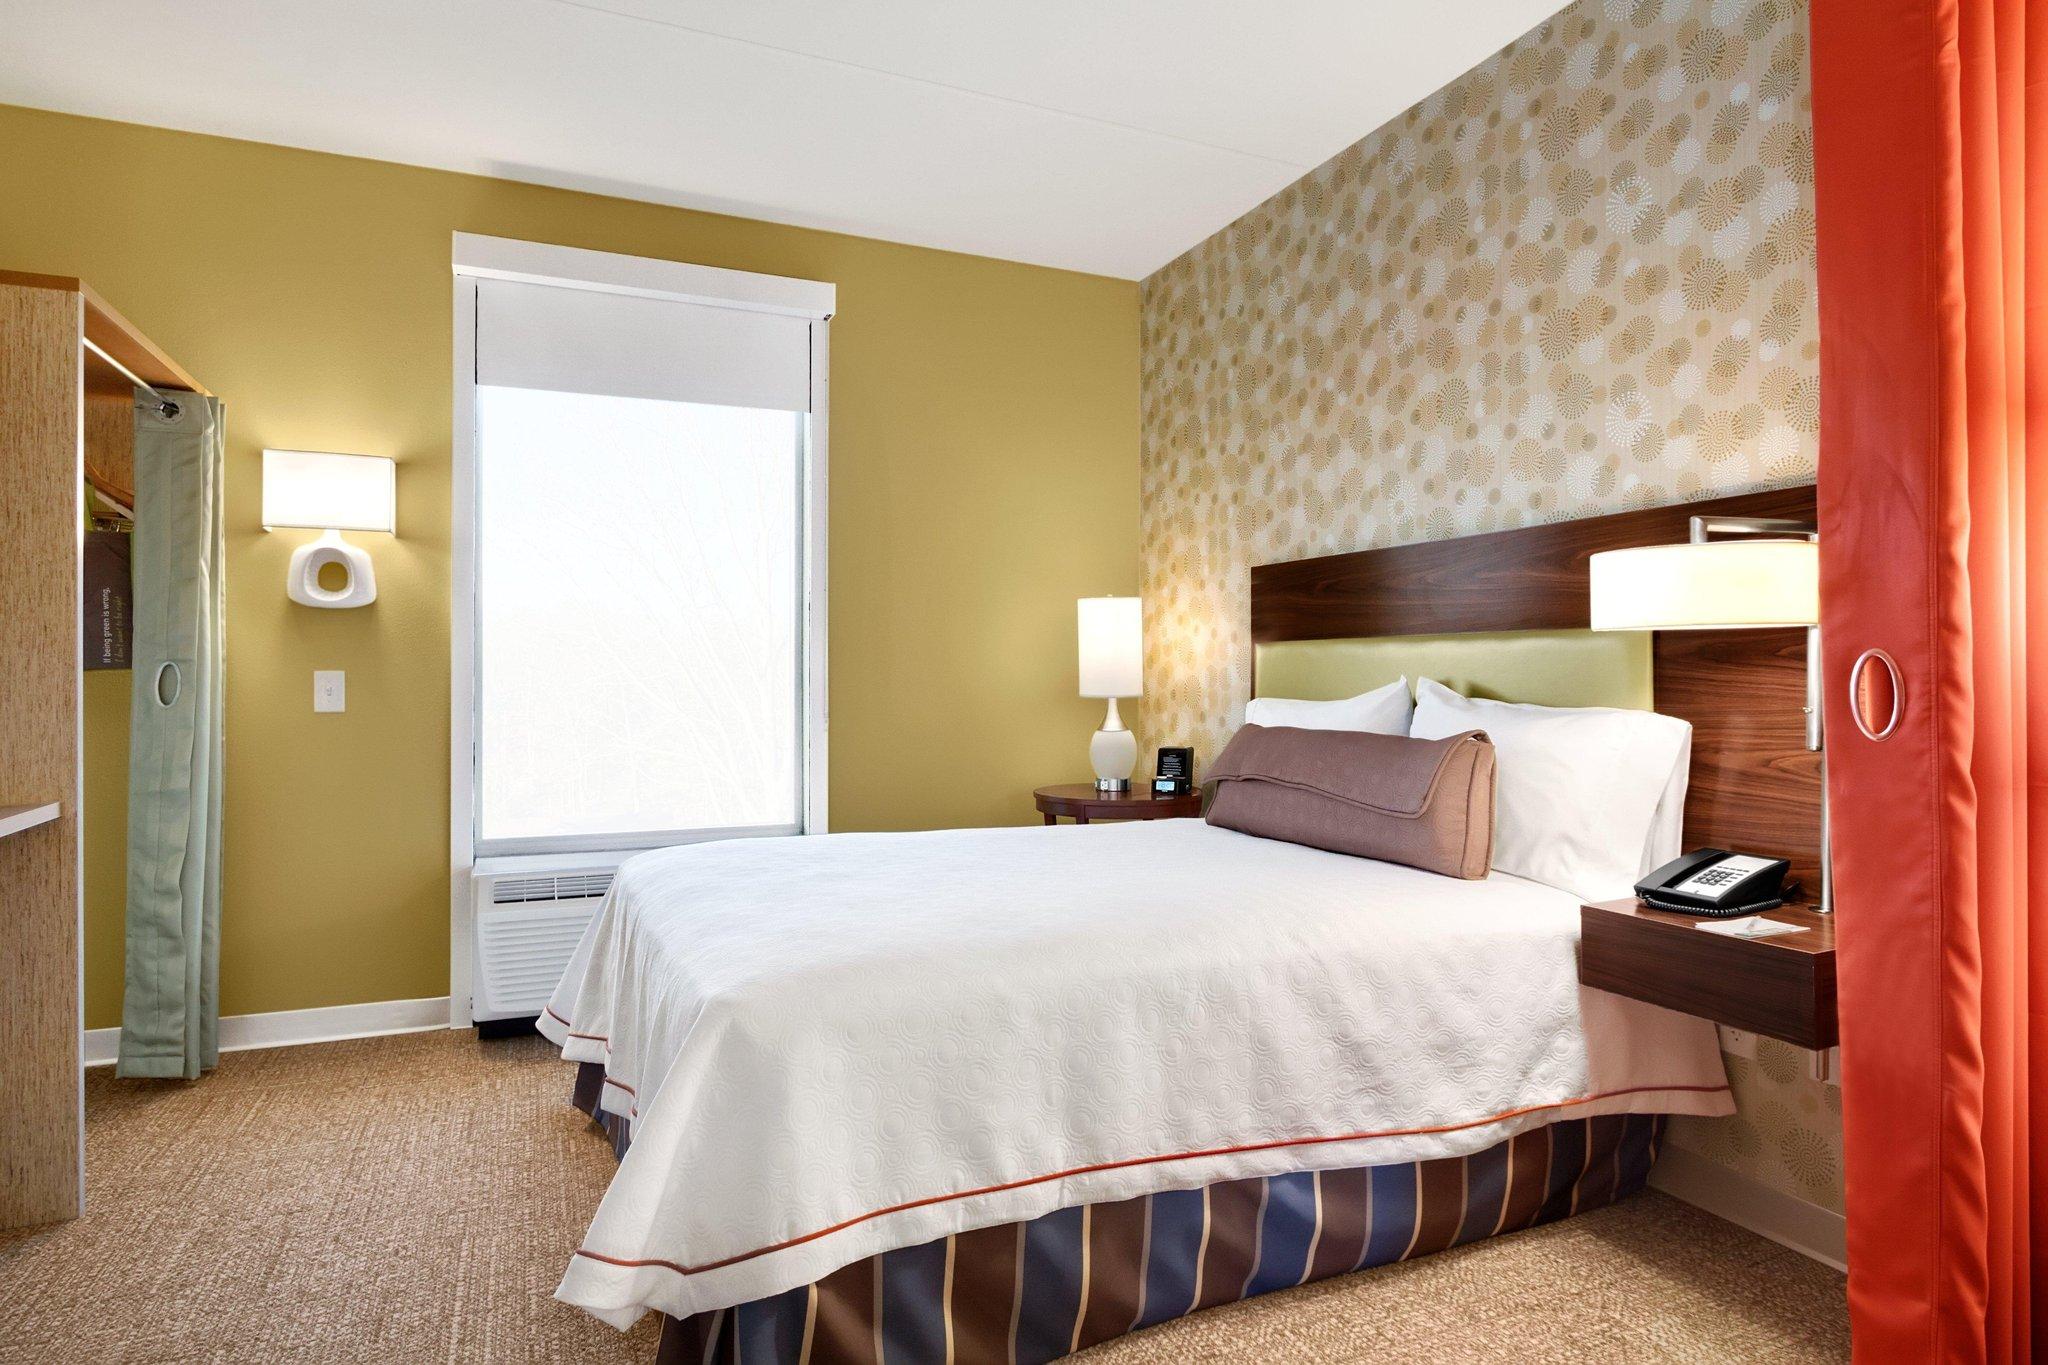 cazare la Home2 Suites By Hilton Lexington Park Patuxent River Nas, Md